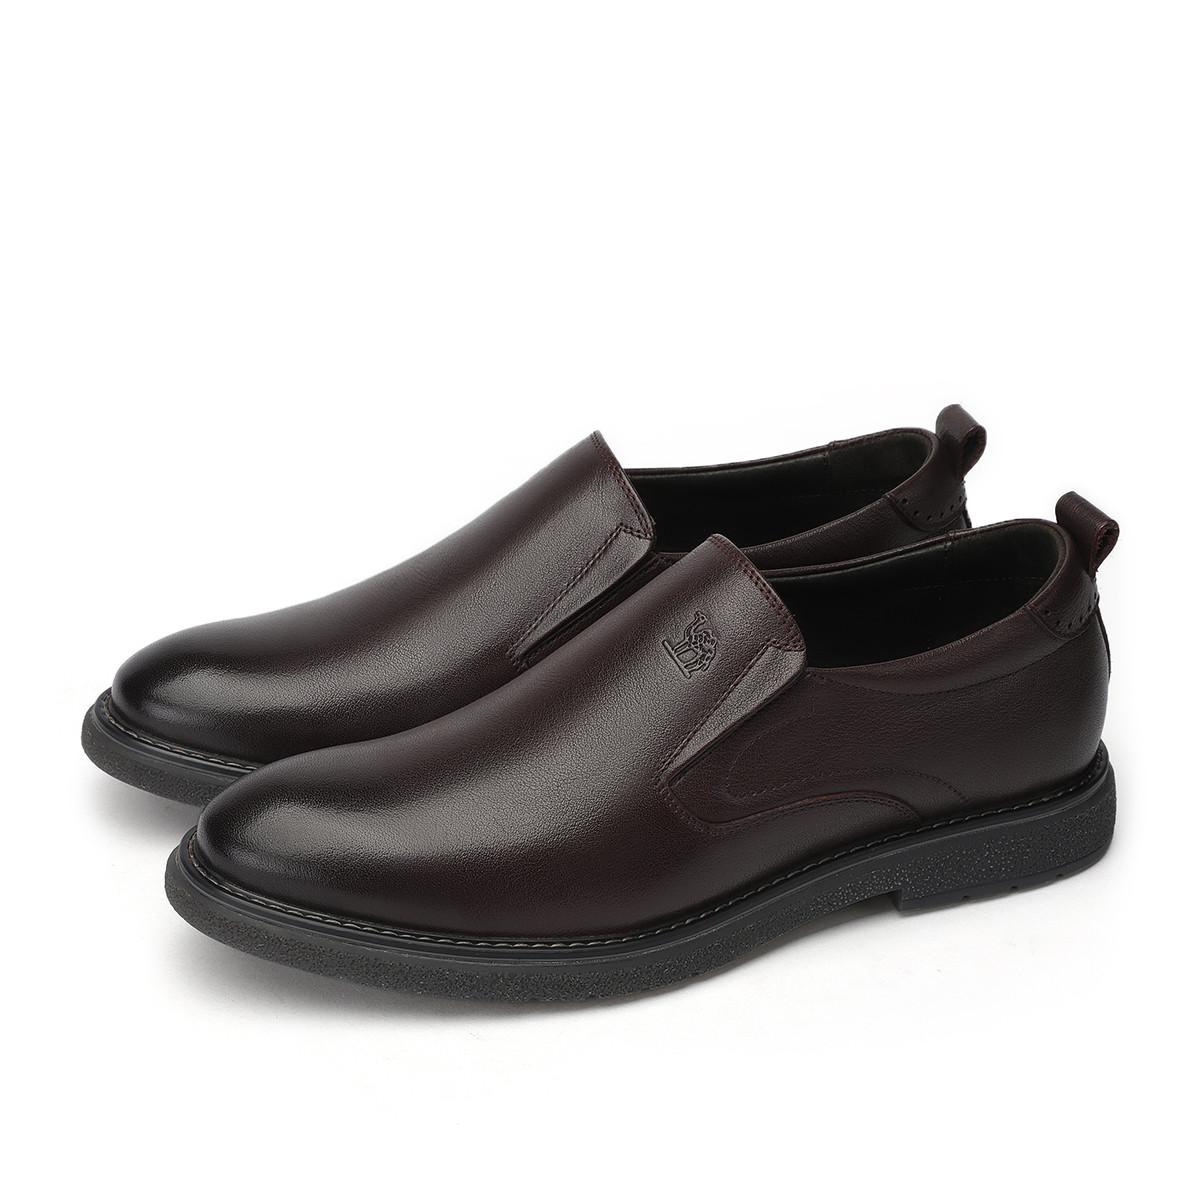 骆驼皮鞋男商务正装皮鞋真皮一脚套耐磨软底休闲皮鞋90826538932540ZO